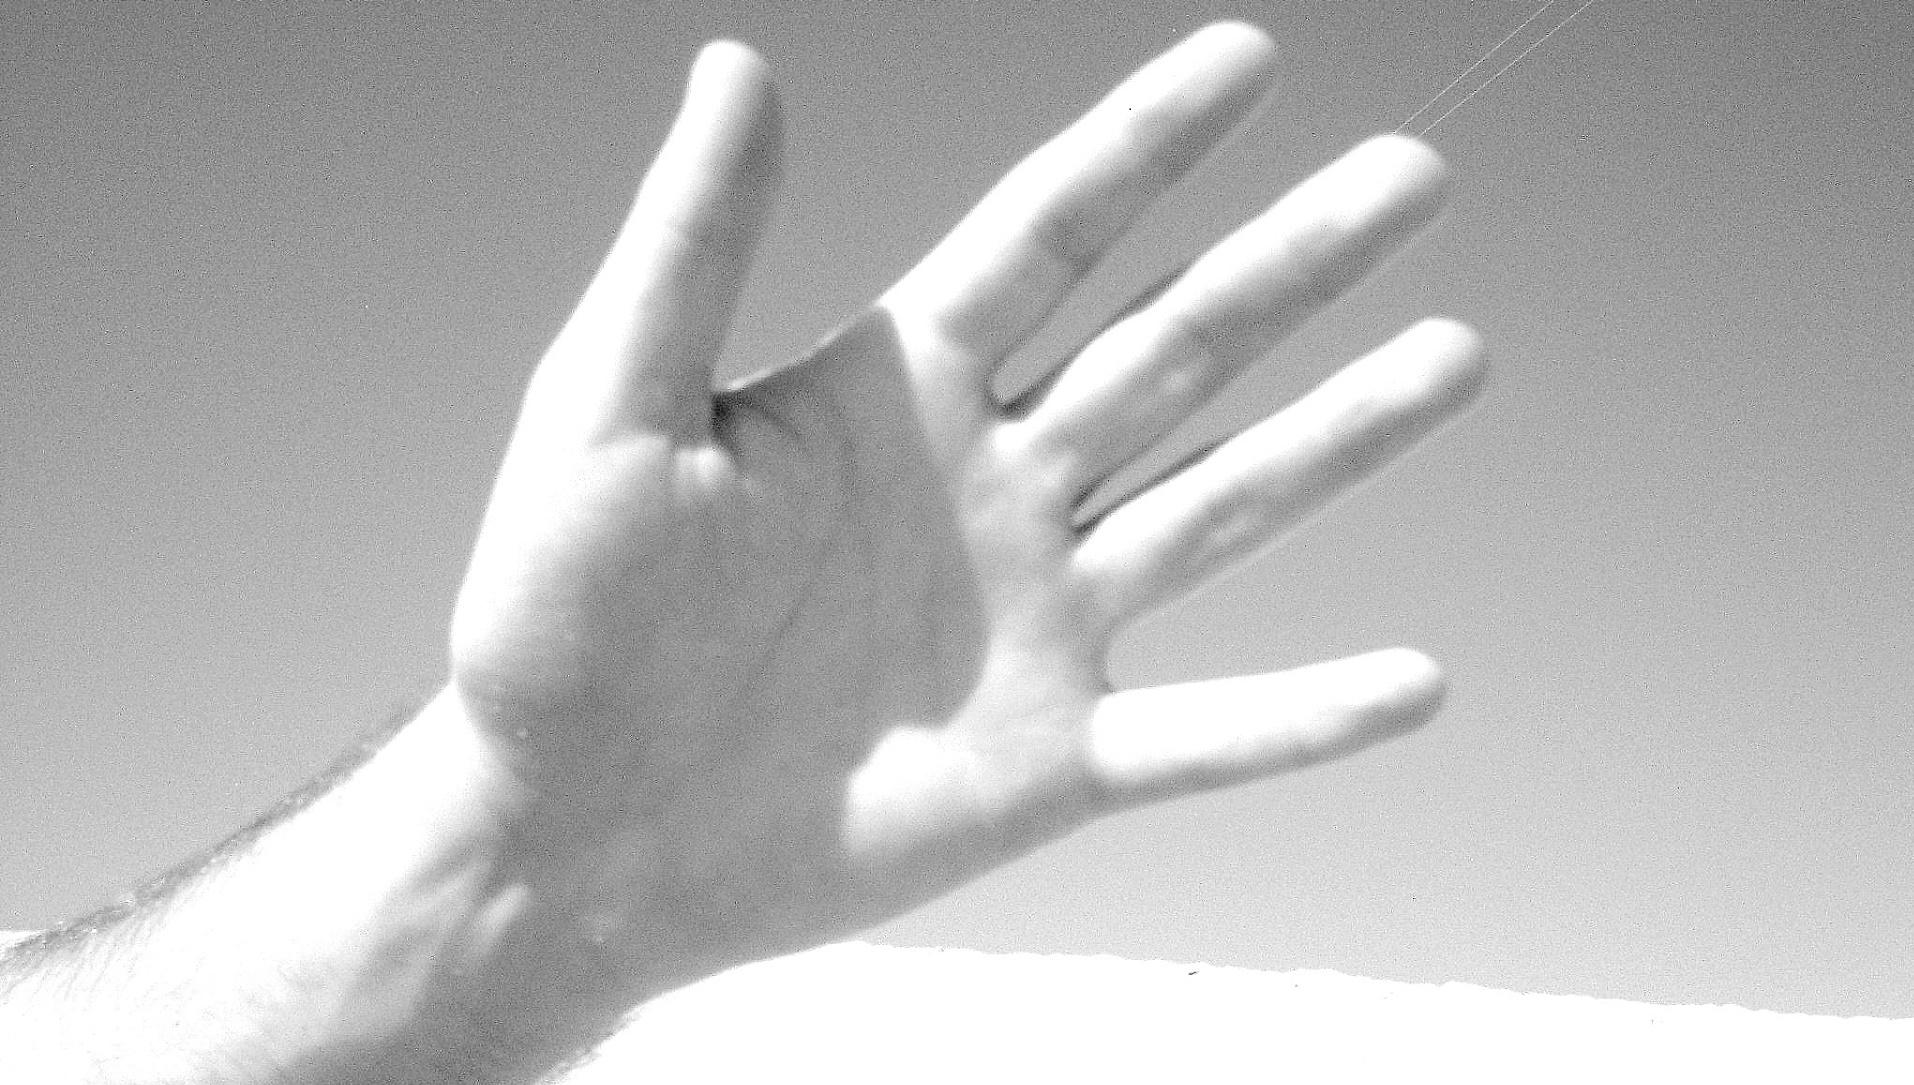 Desarrollan una mano artificial con reconocimiento de objetos